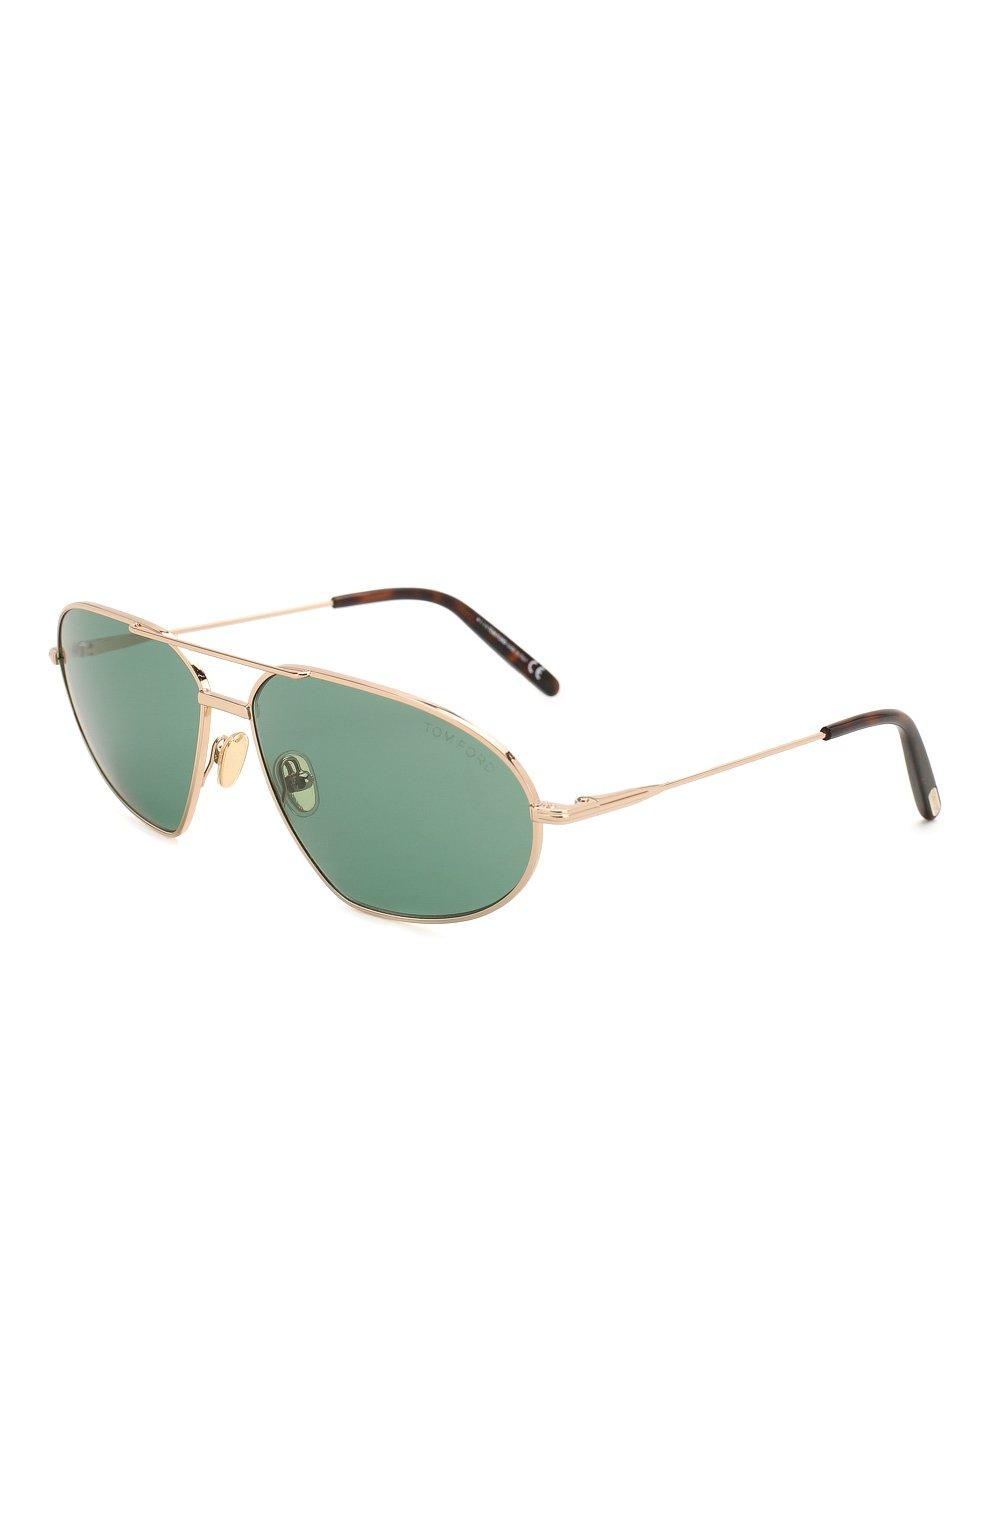 Мужские солнцезащитные очки TOM FORD темно-зеленого цвета, арт. TF771 28N   Фото 1